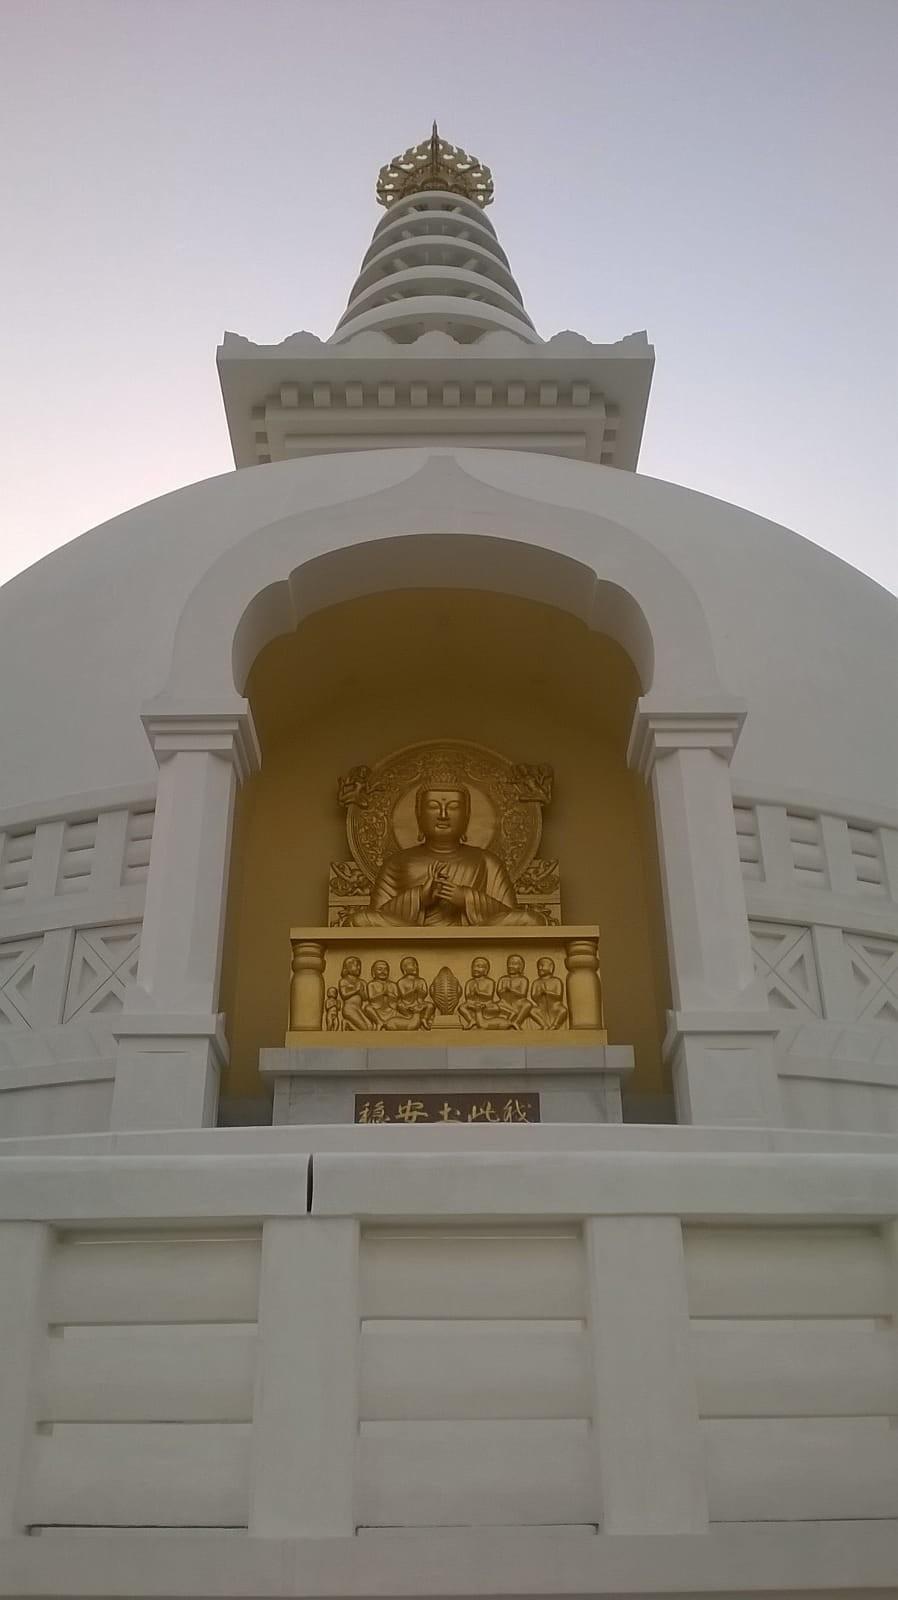 viaggio-in-nepal-36152cdb0d6c0dbfdd7c335